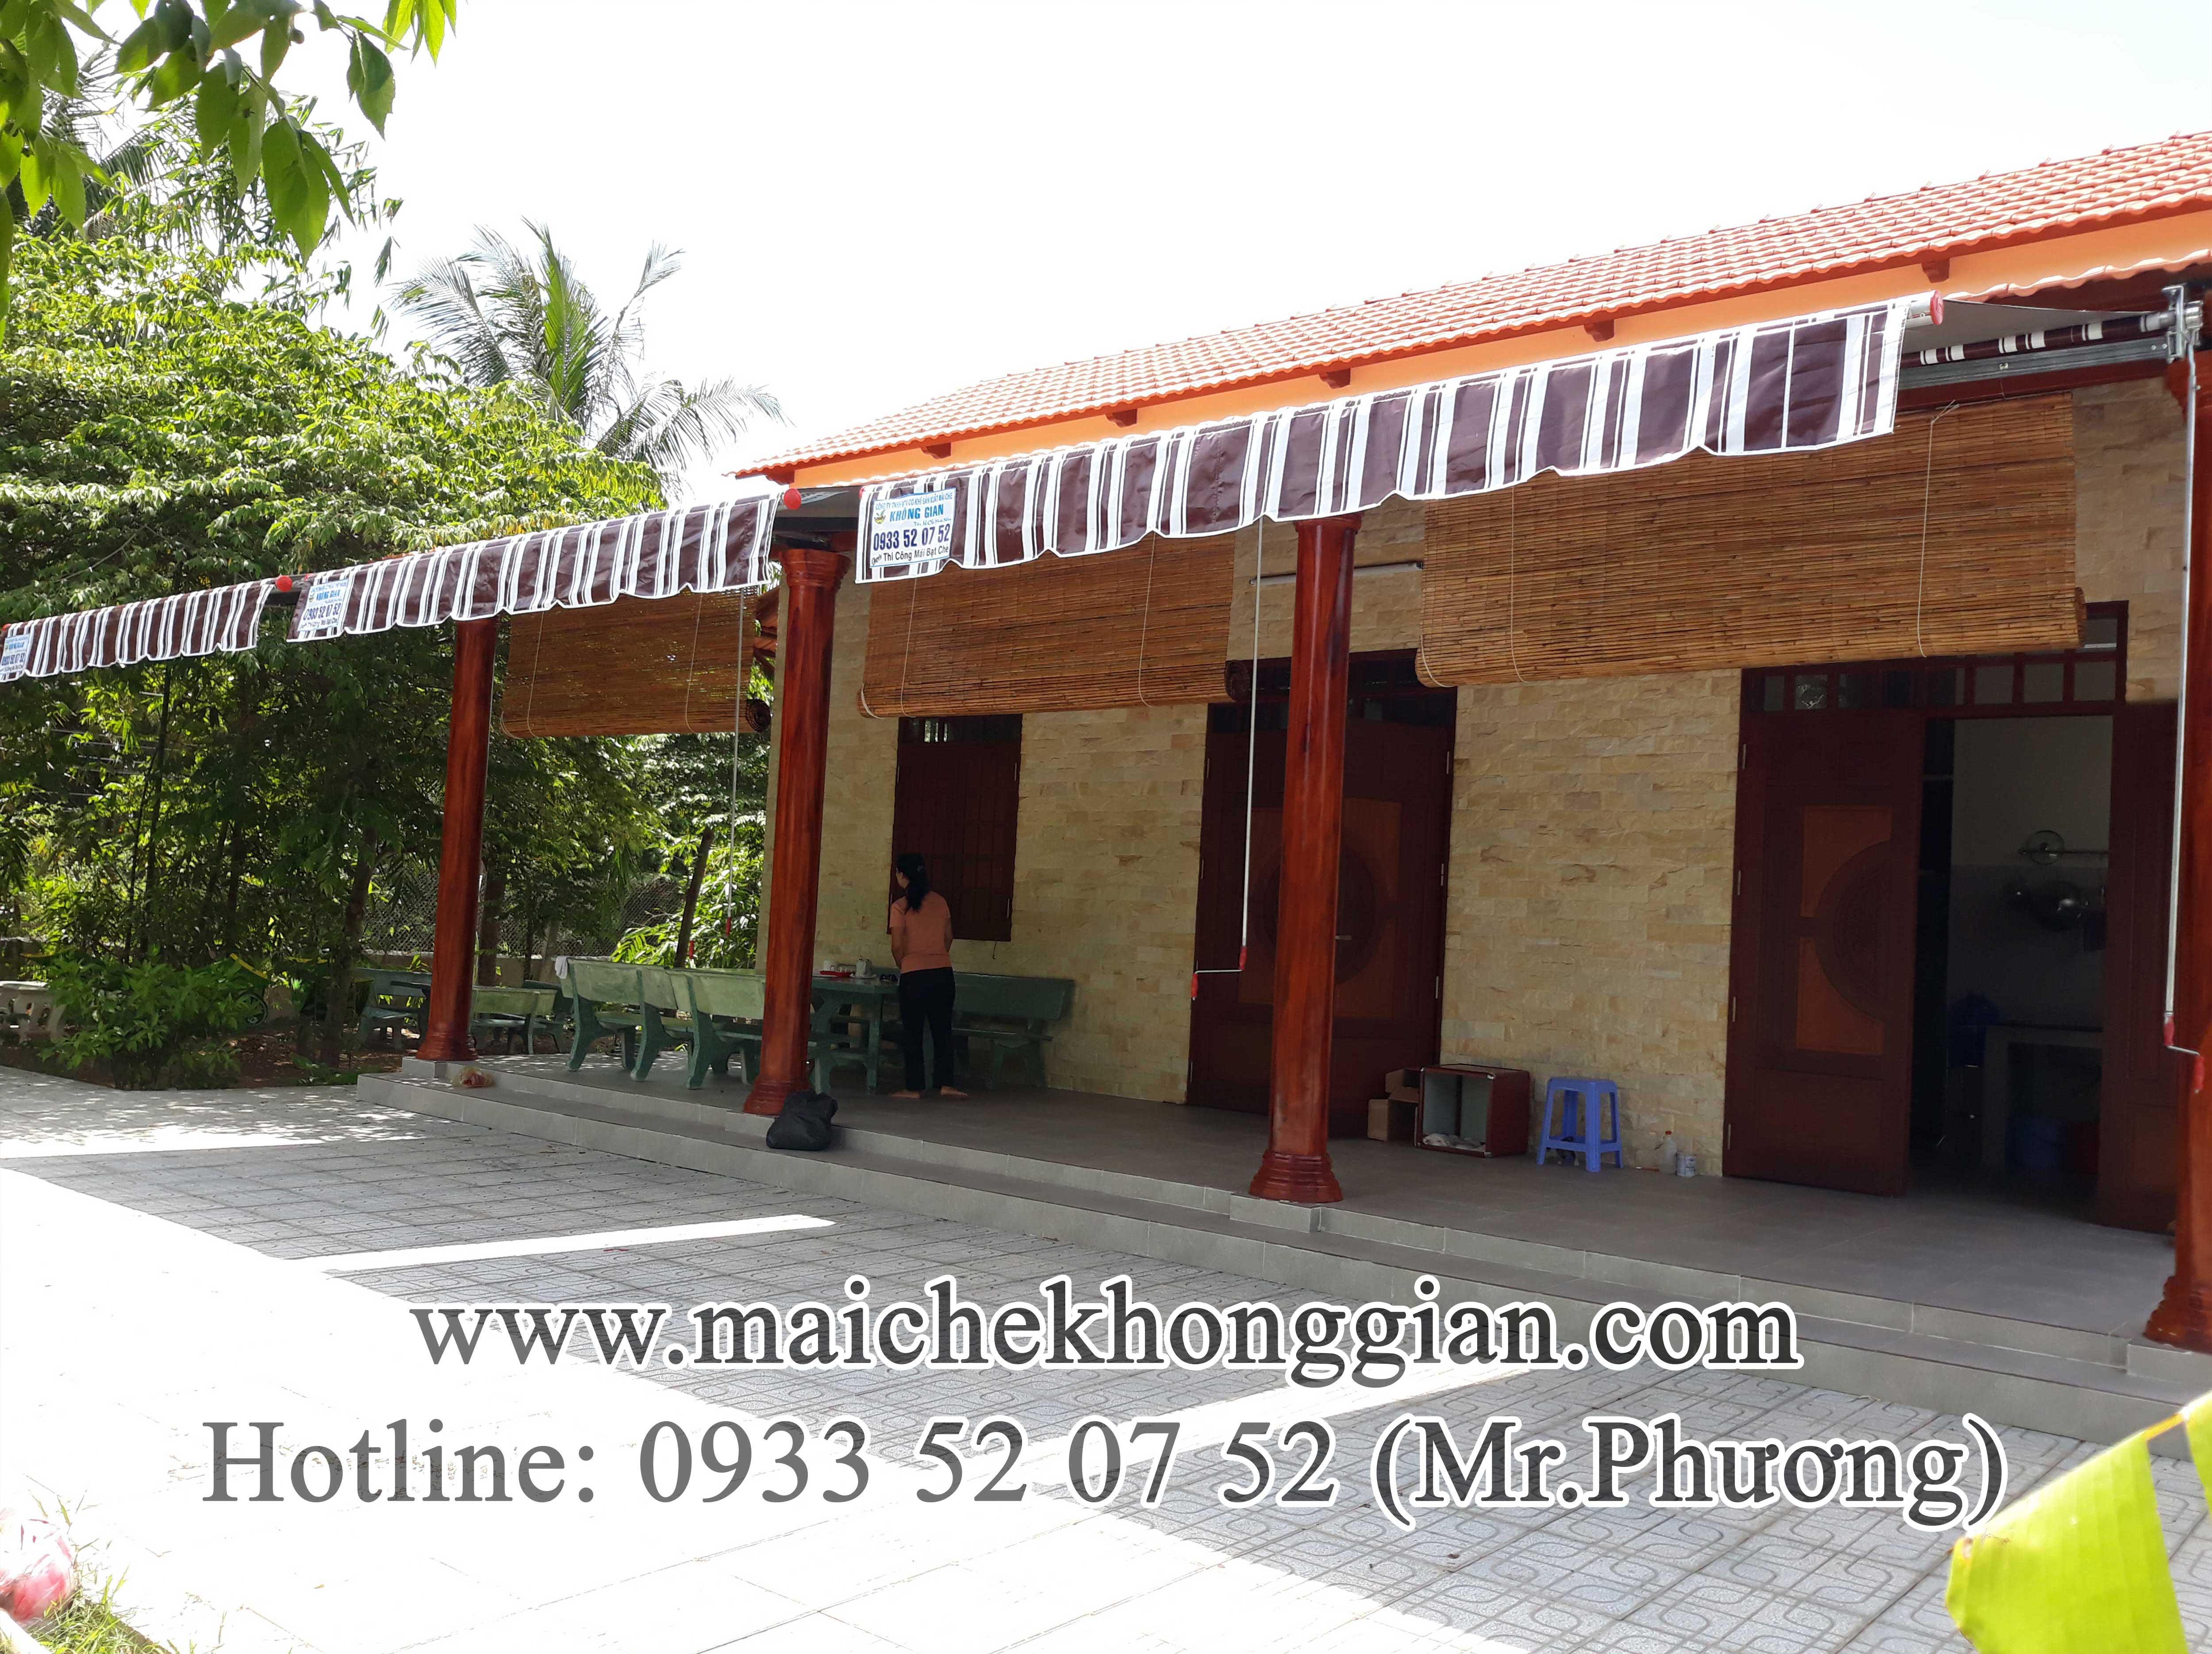 Mái Hiên Che Mưa Nắng Tân Phước Tiền Giang